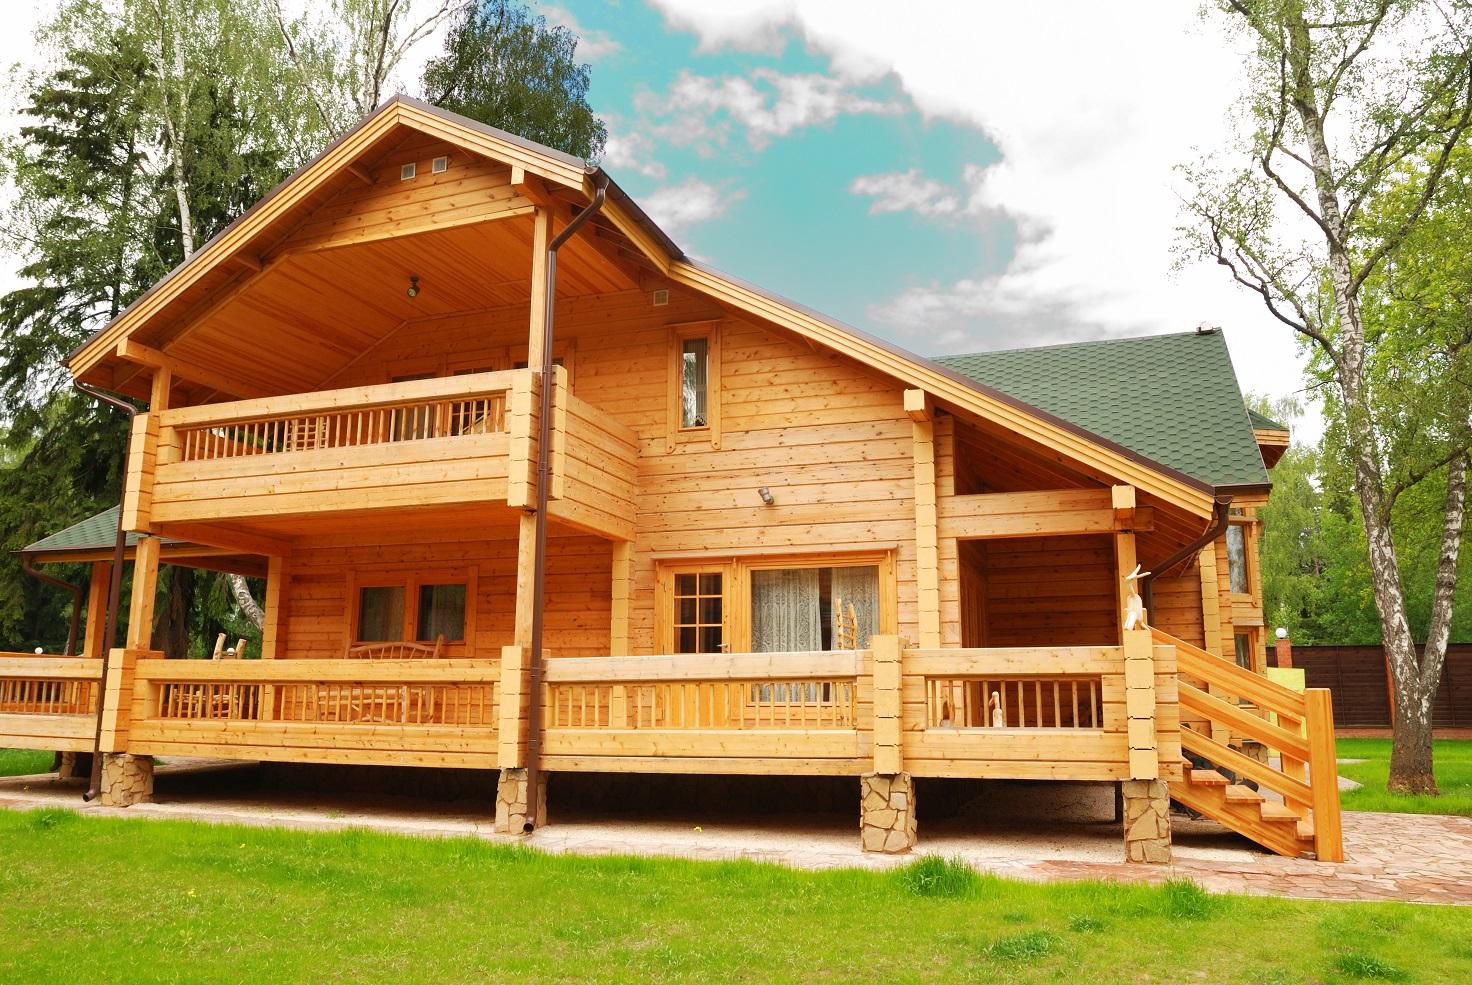 Ver fotos de casas bonitas escoja y vote por sus fotos de - Fotos casas madera ...